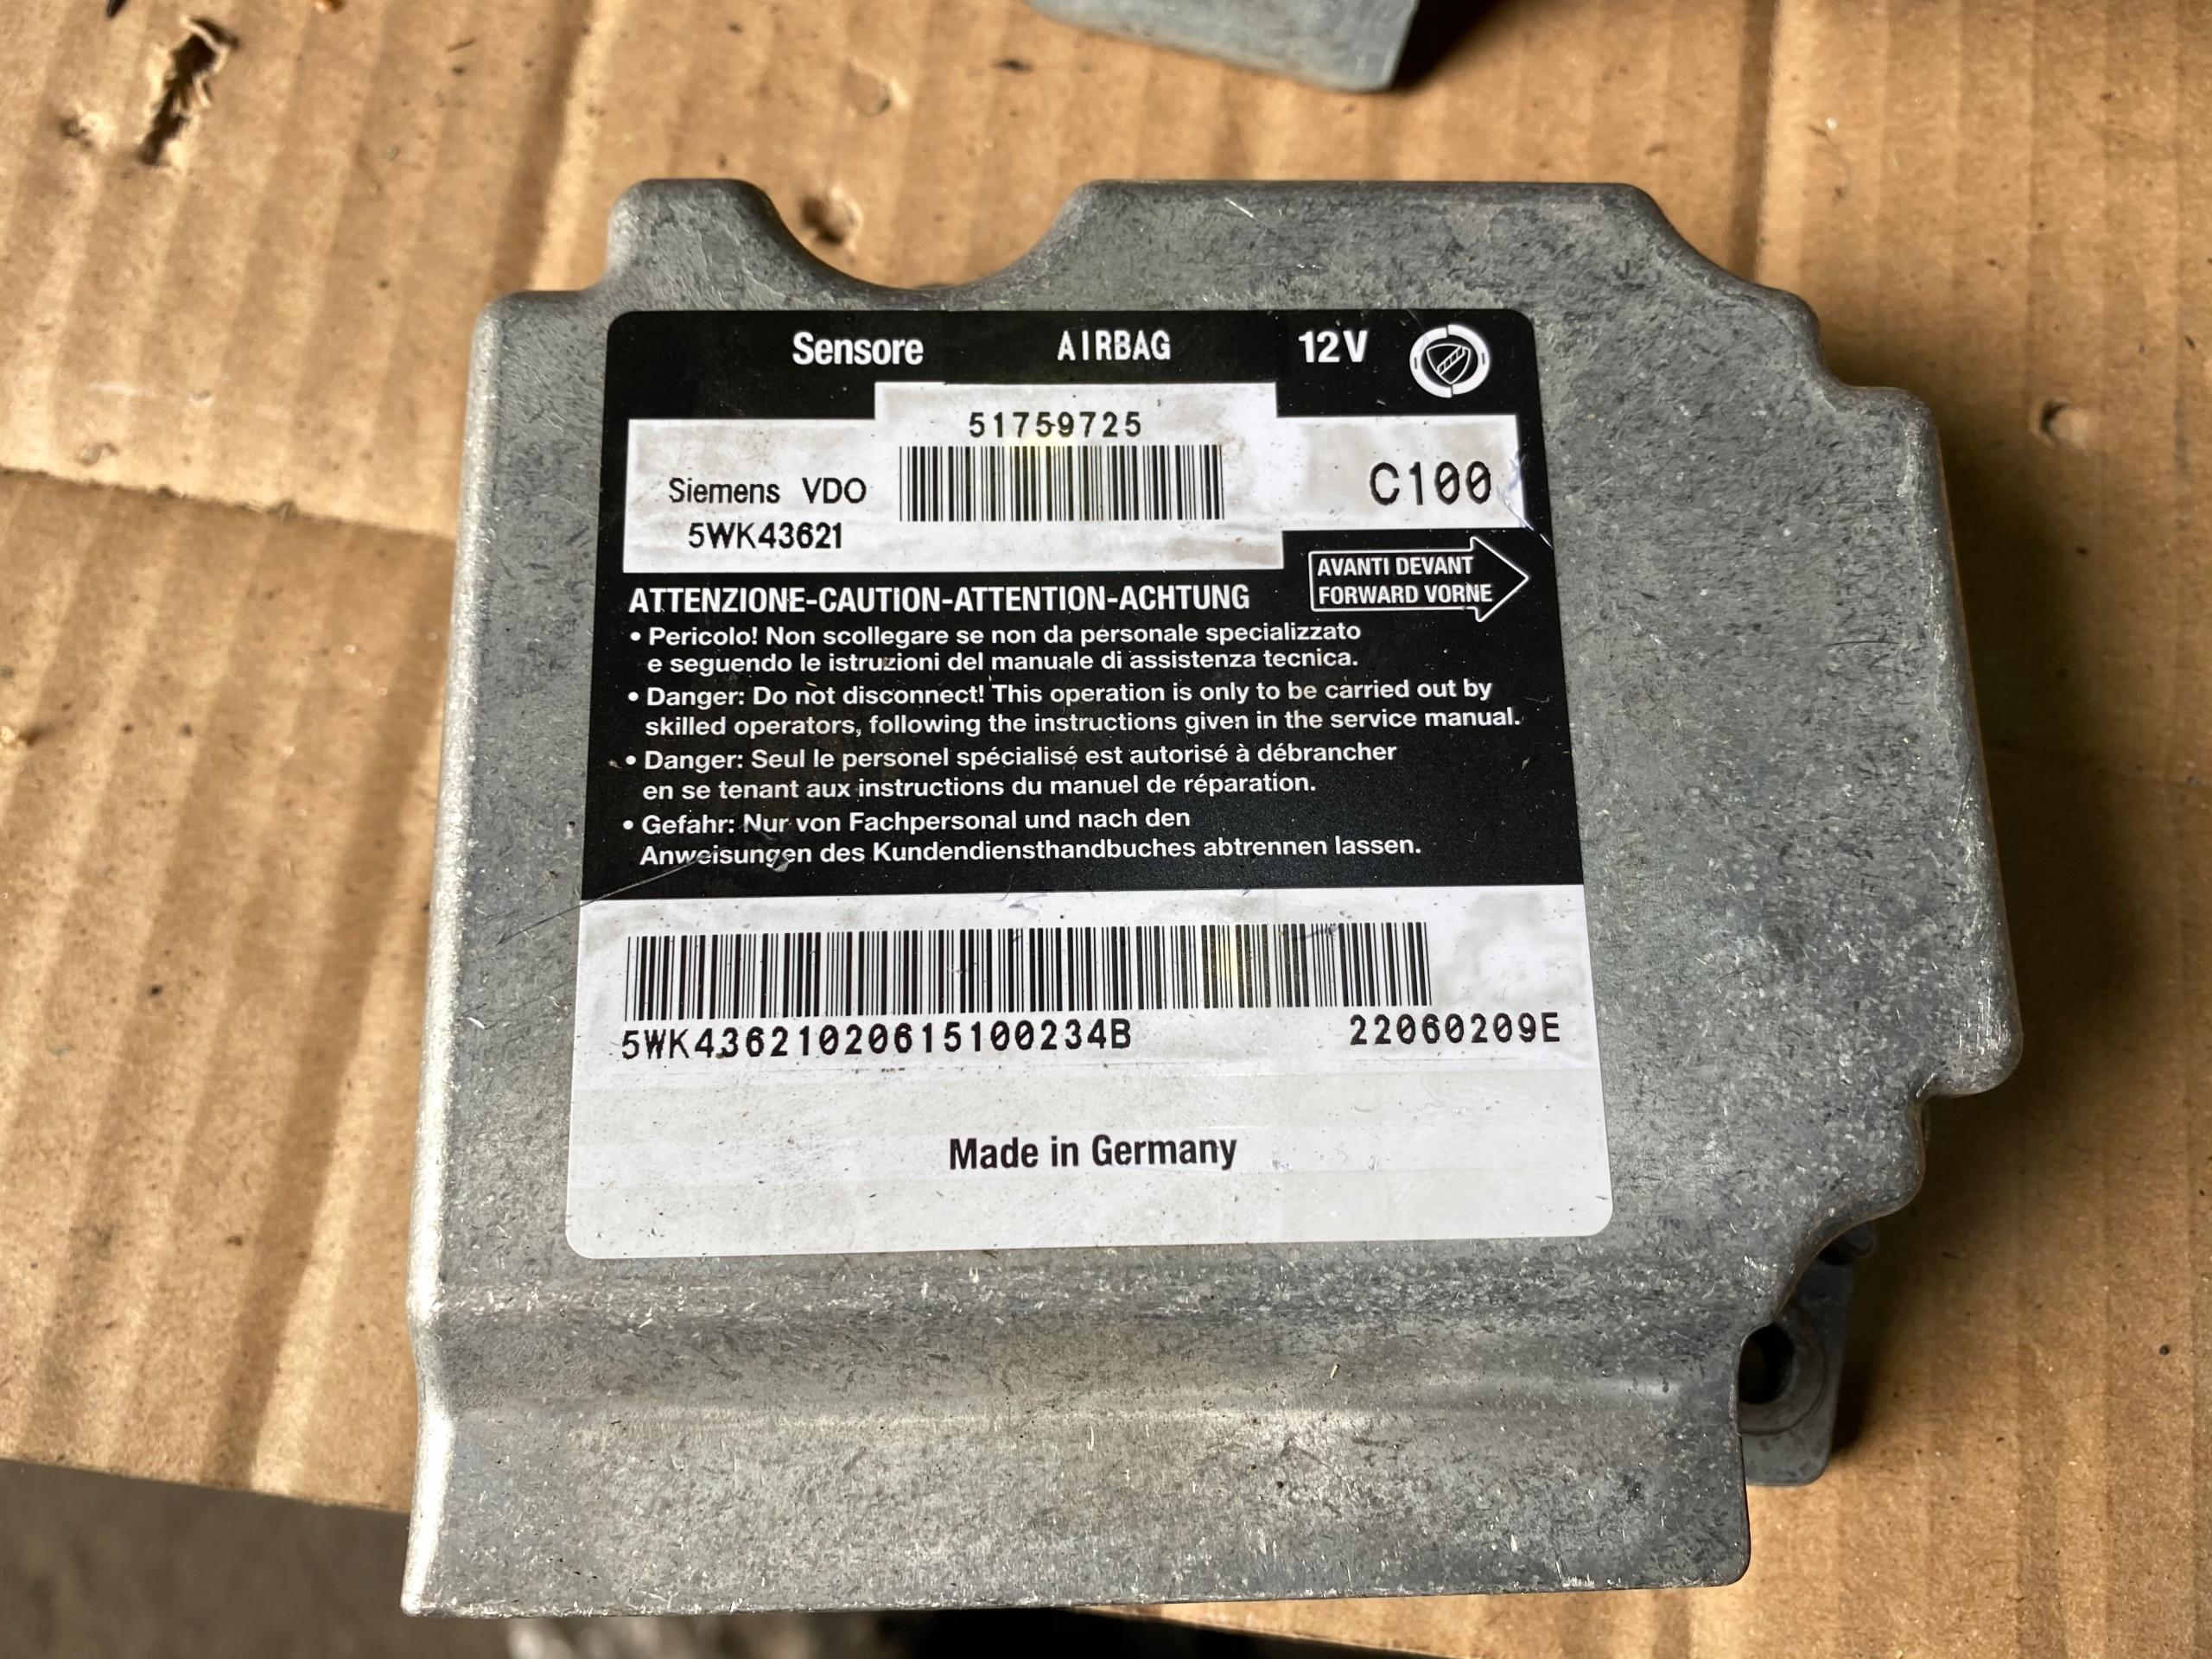 fiat multipla сенсор подушек airbag 51759725